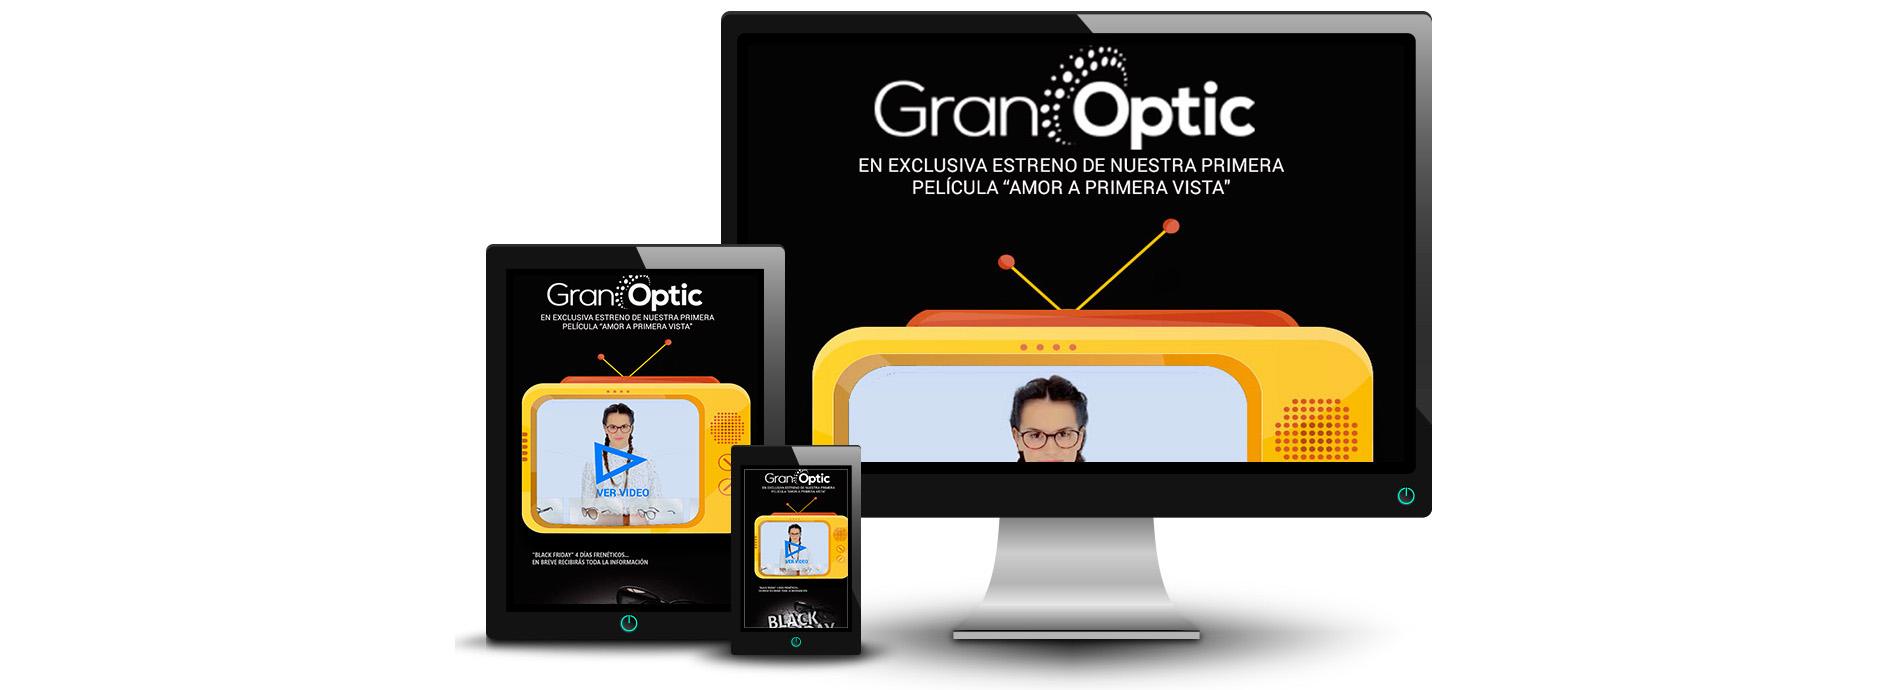 granoptic8